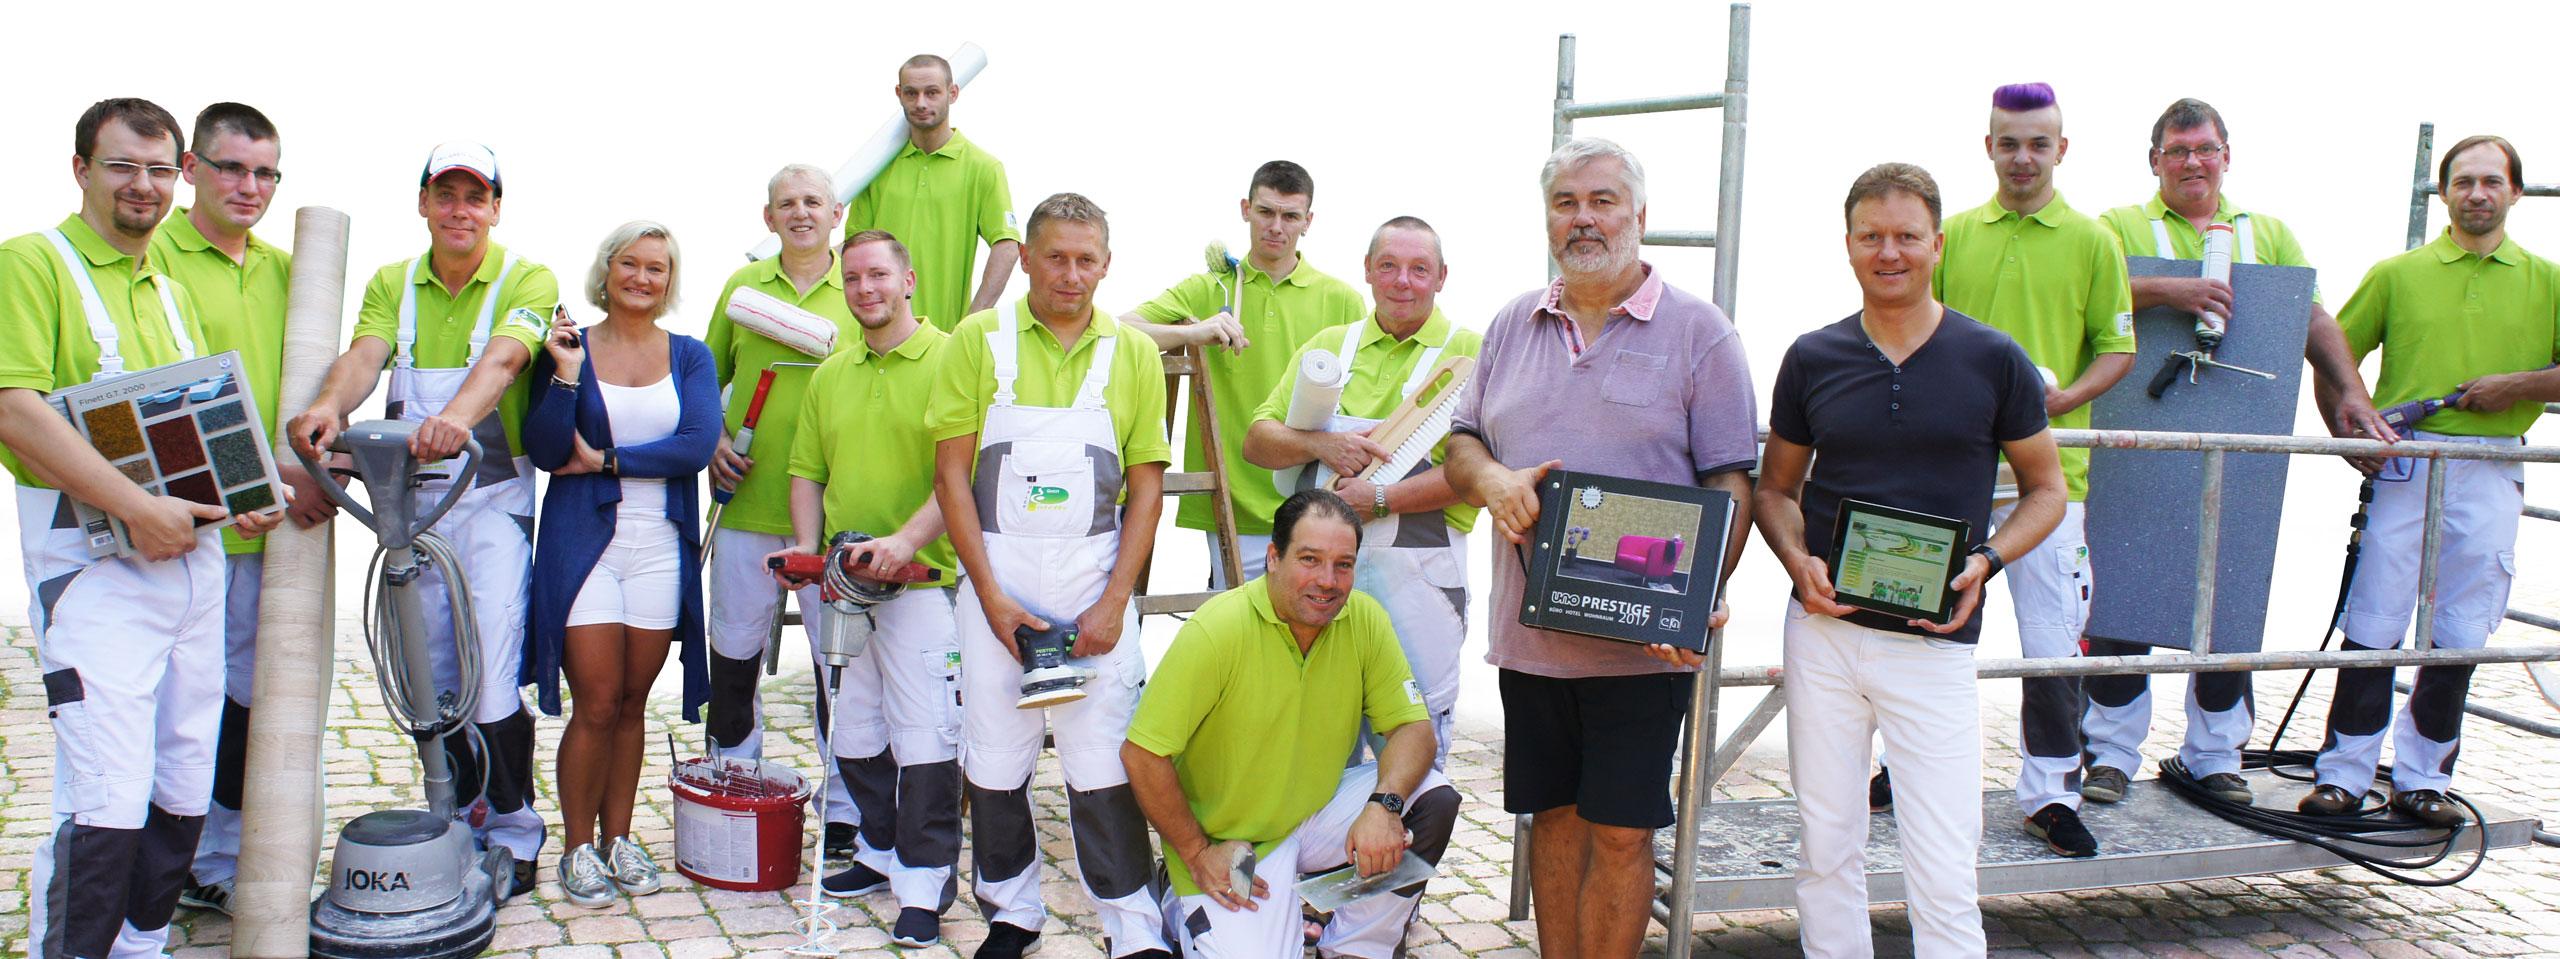 Team Maler Palette GmbH